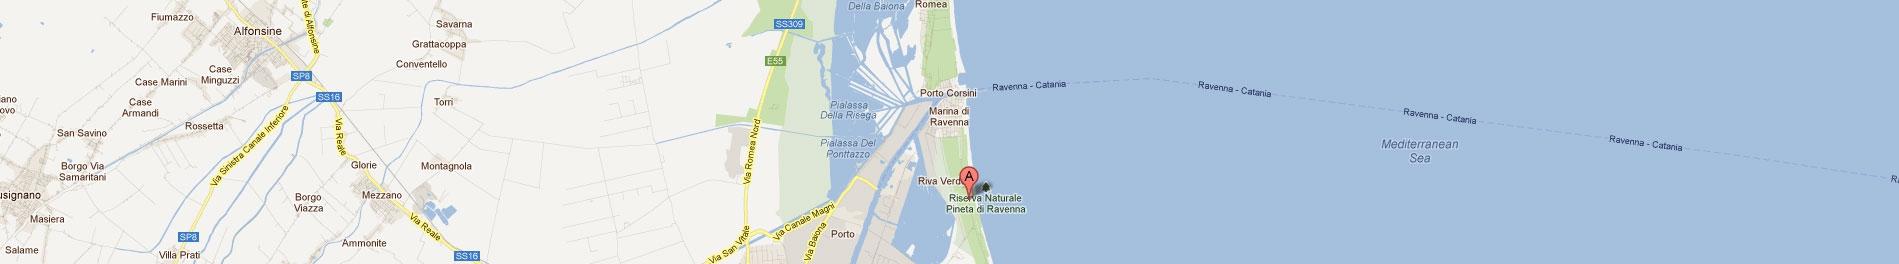 Piomboni Camping Village a Marina di Ravenna, Riviera Adriatica, Romagna come raggiungere il Camping Piomboni